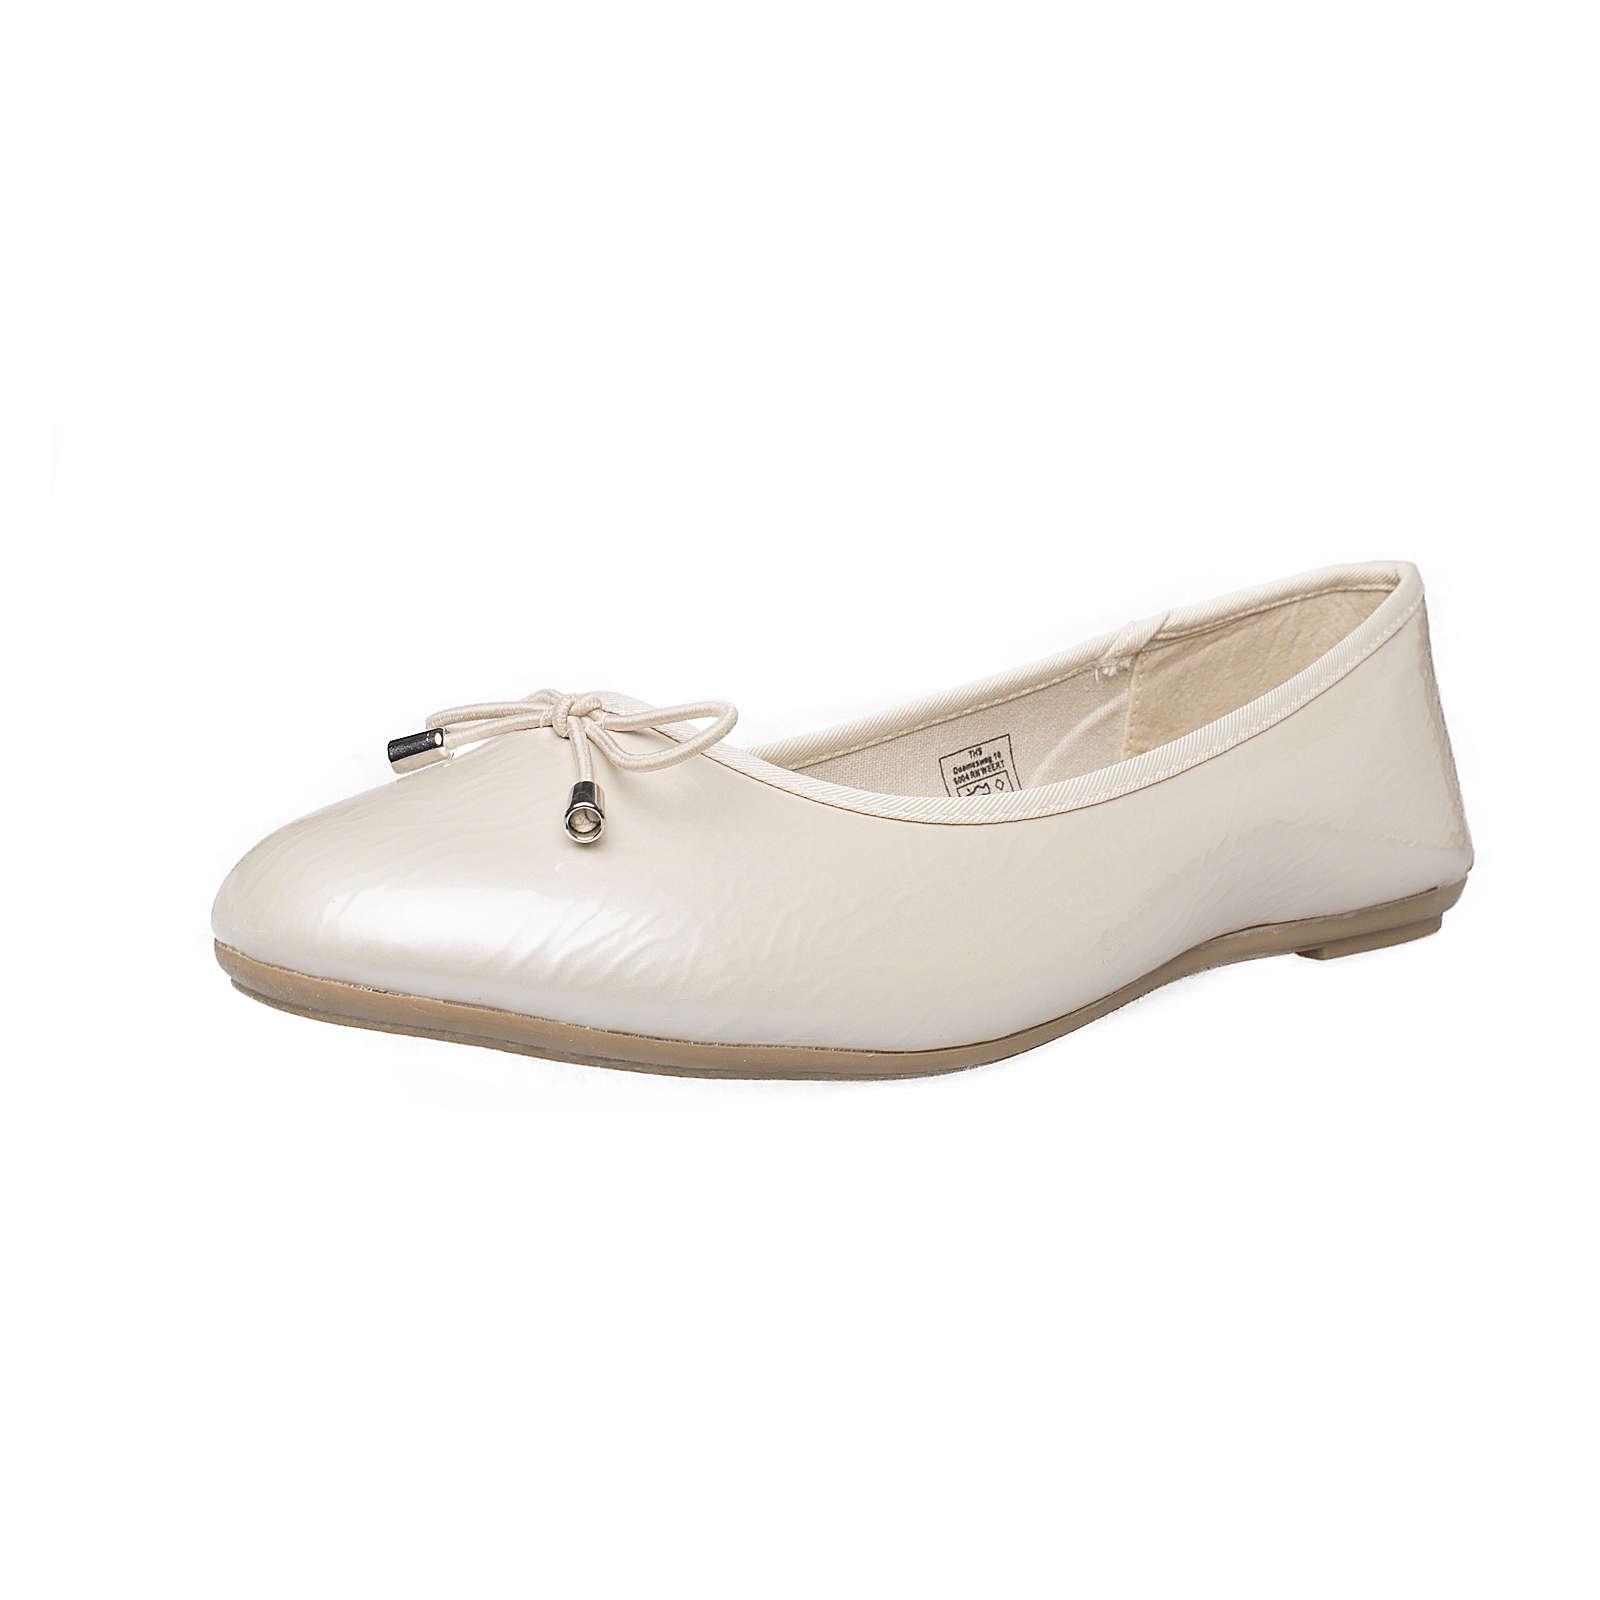 Fitters Footwear That Fits Ballerina Mila Klassische Ballerinas nude Damen Gr. 45